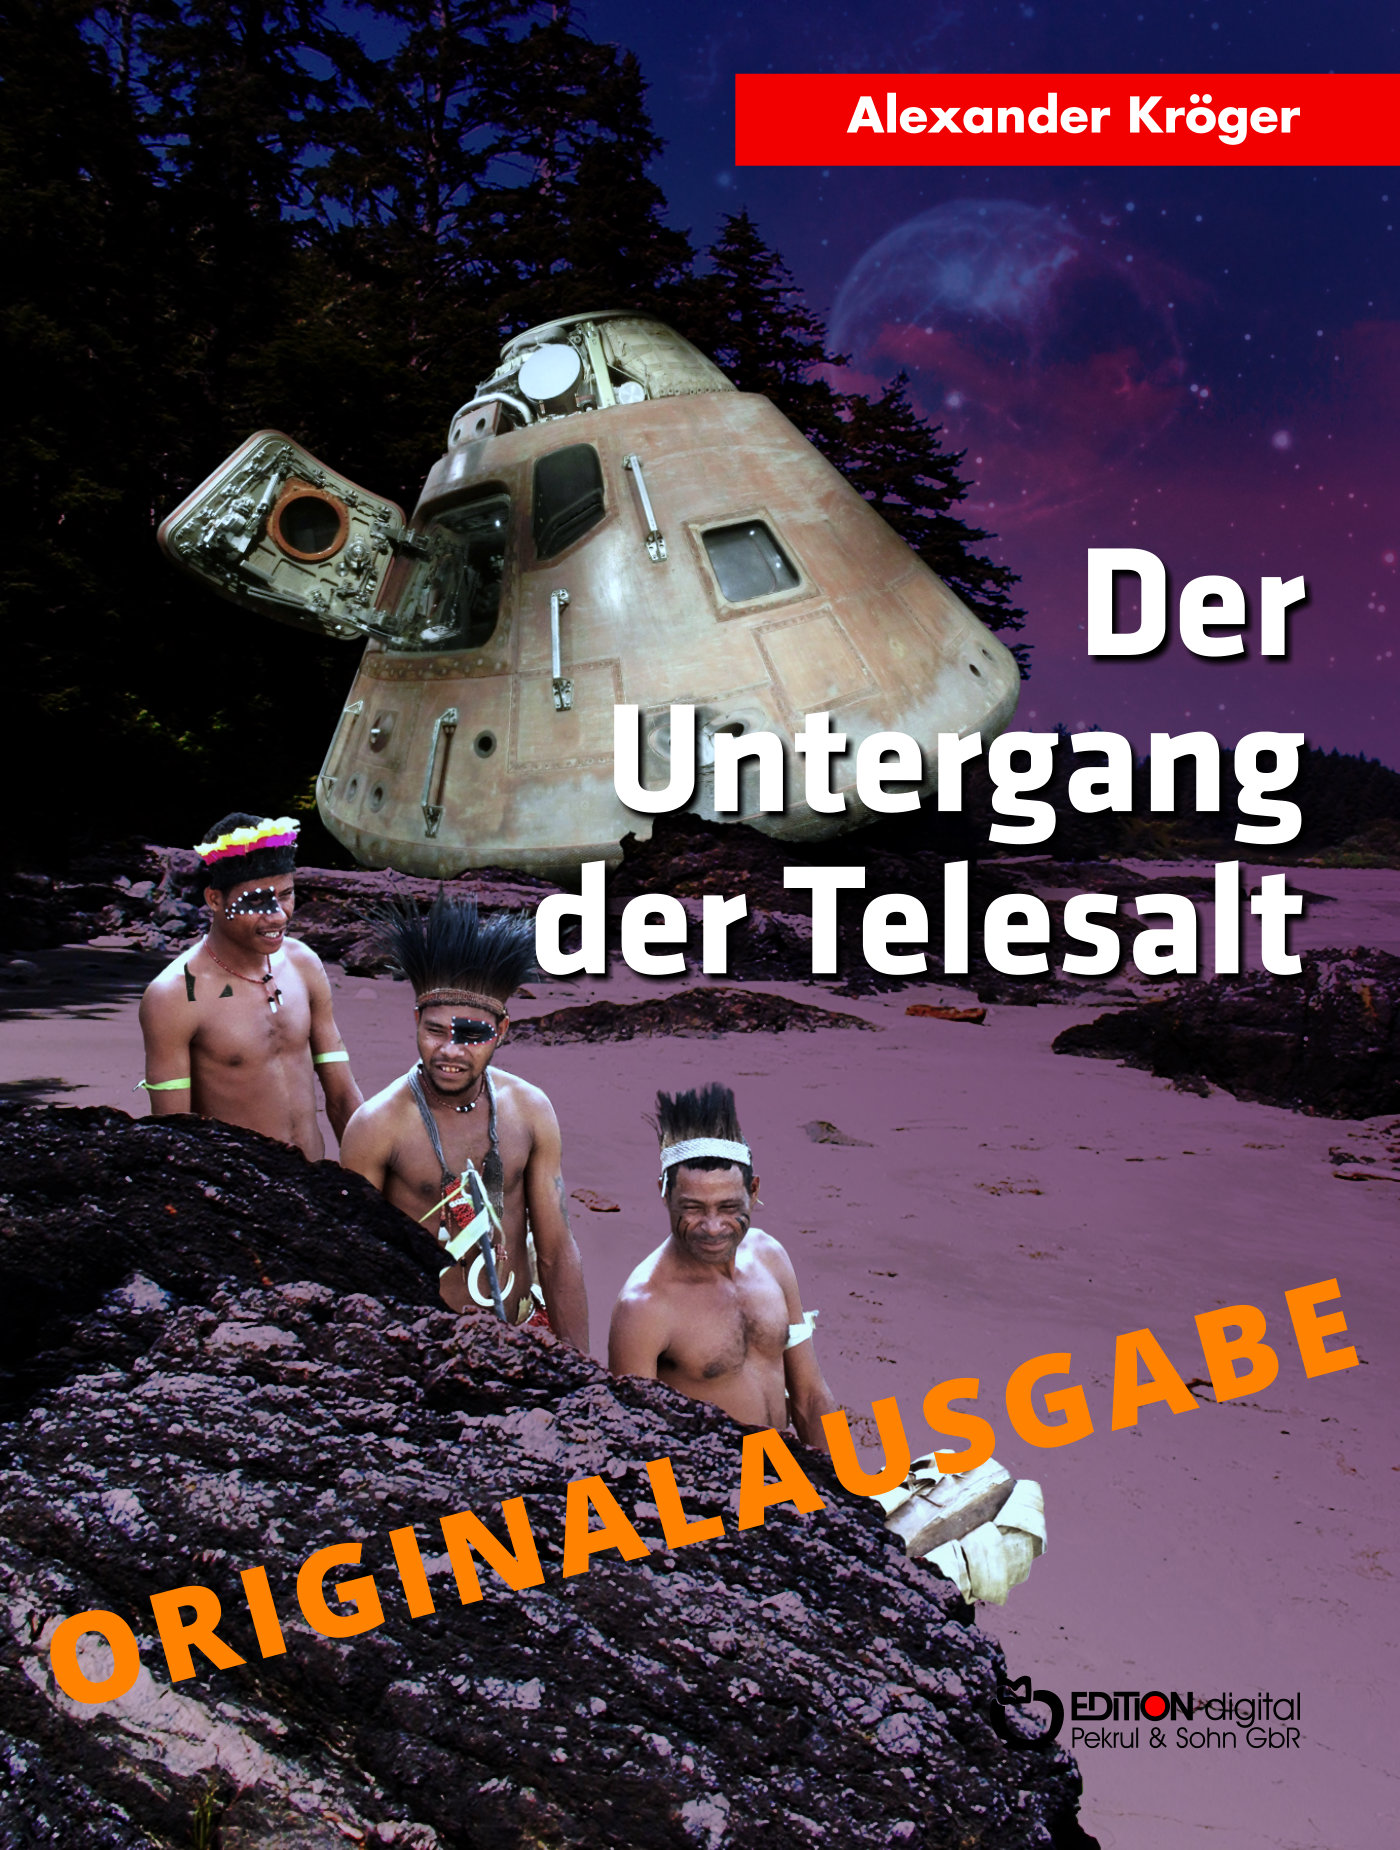 Der Untergang der TELESALT – Originalausgabe von Alexander Kröger